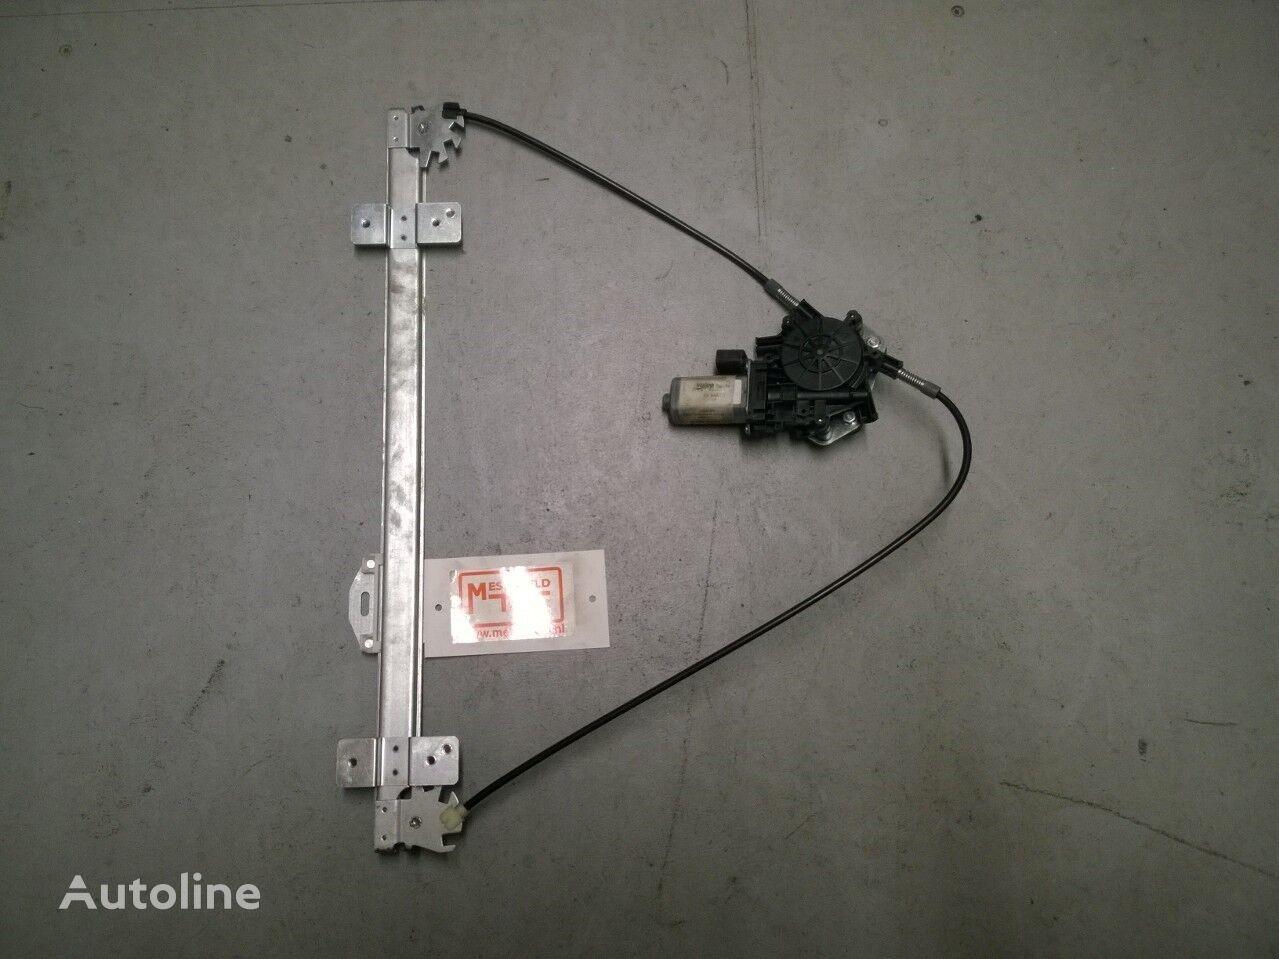 καινούριο τράκτορας DAF Raammechanisme 85CF για ανυψωτήρας παραθύρων DAF